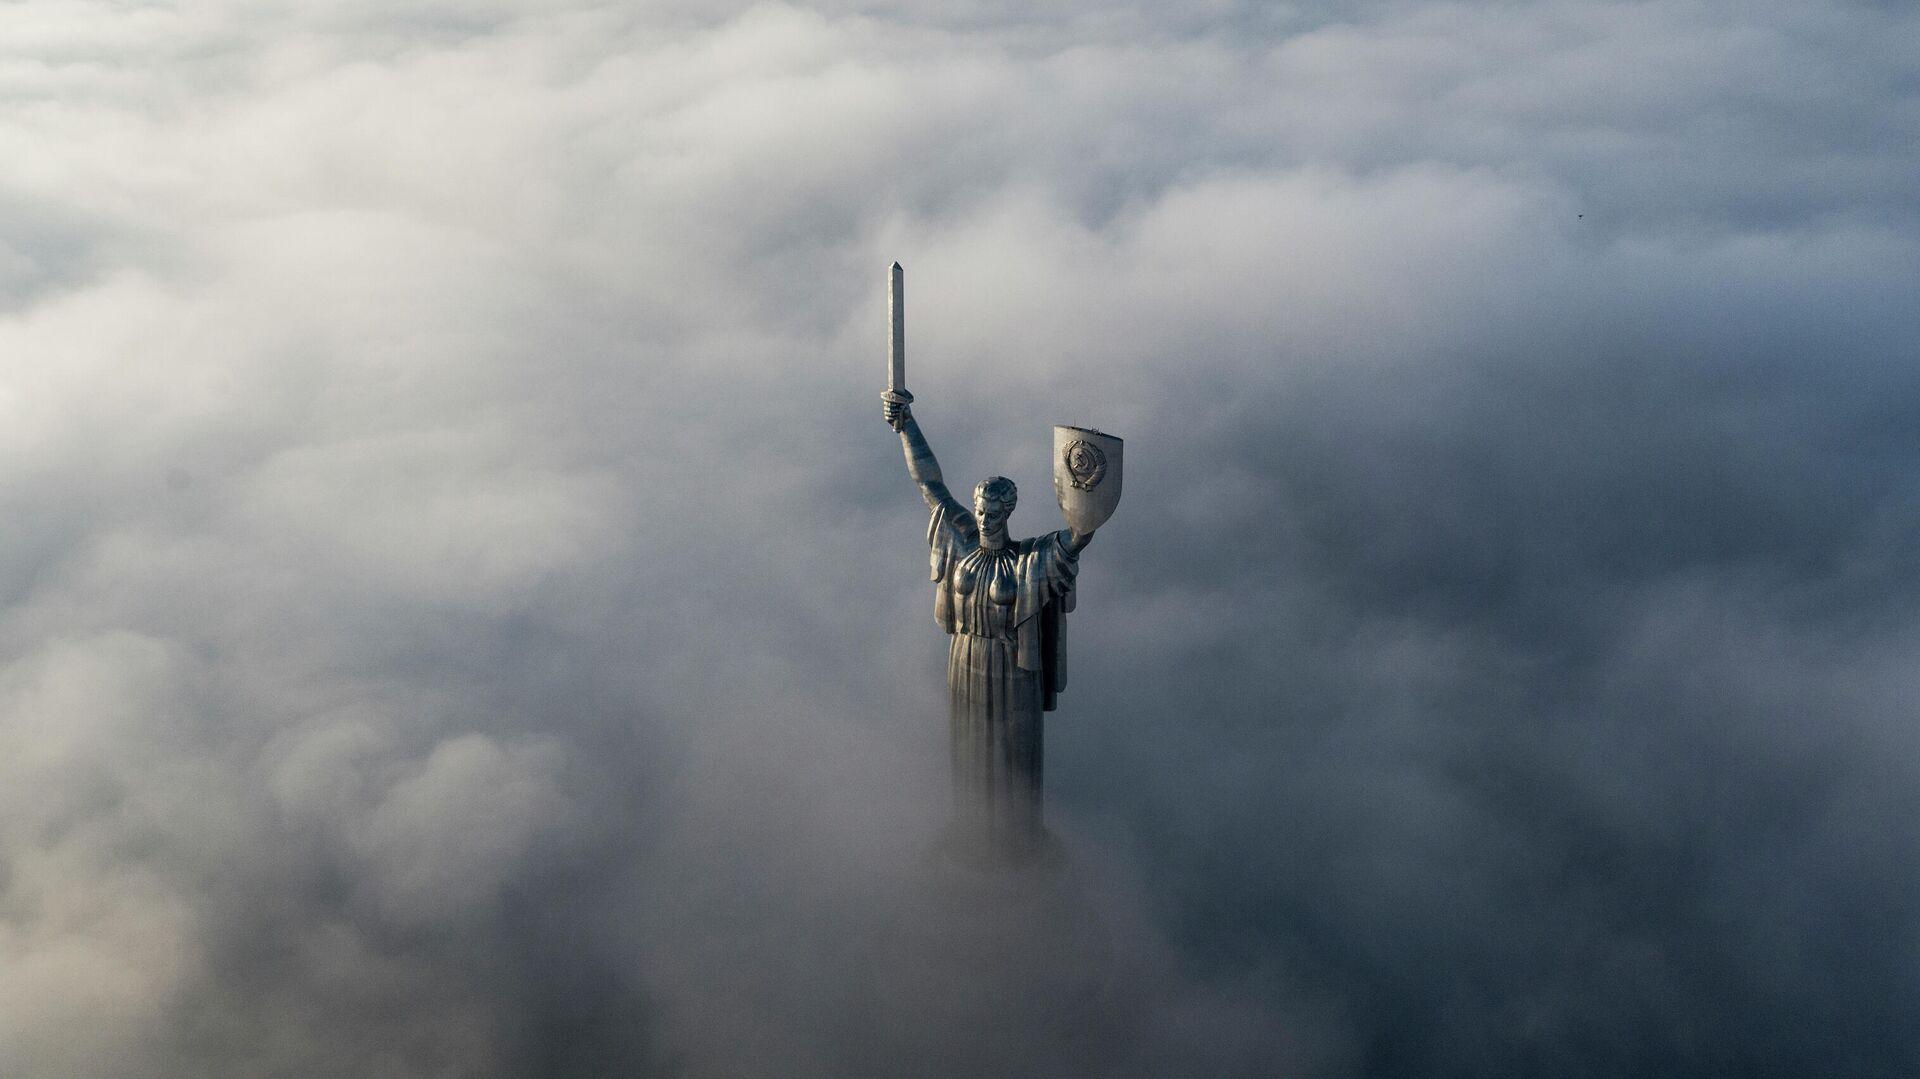 1731494659 23:339:3062:2048 1920x0 80 0 0 ae46ceeb9f5b7d8de1a1c48322aba404 - Бывший министр экономики Украины Суслов предупредил страну о наступлении тяжелого кризиса